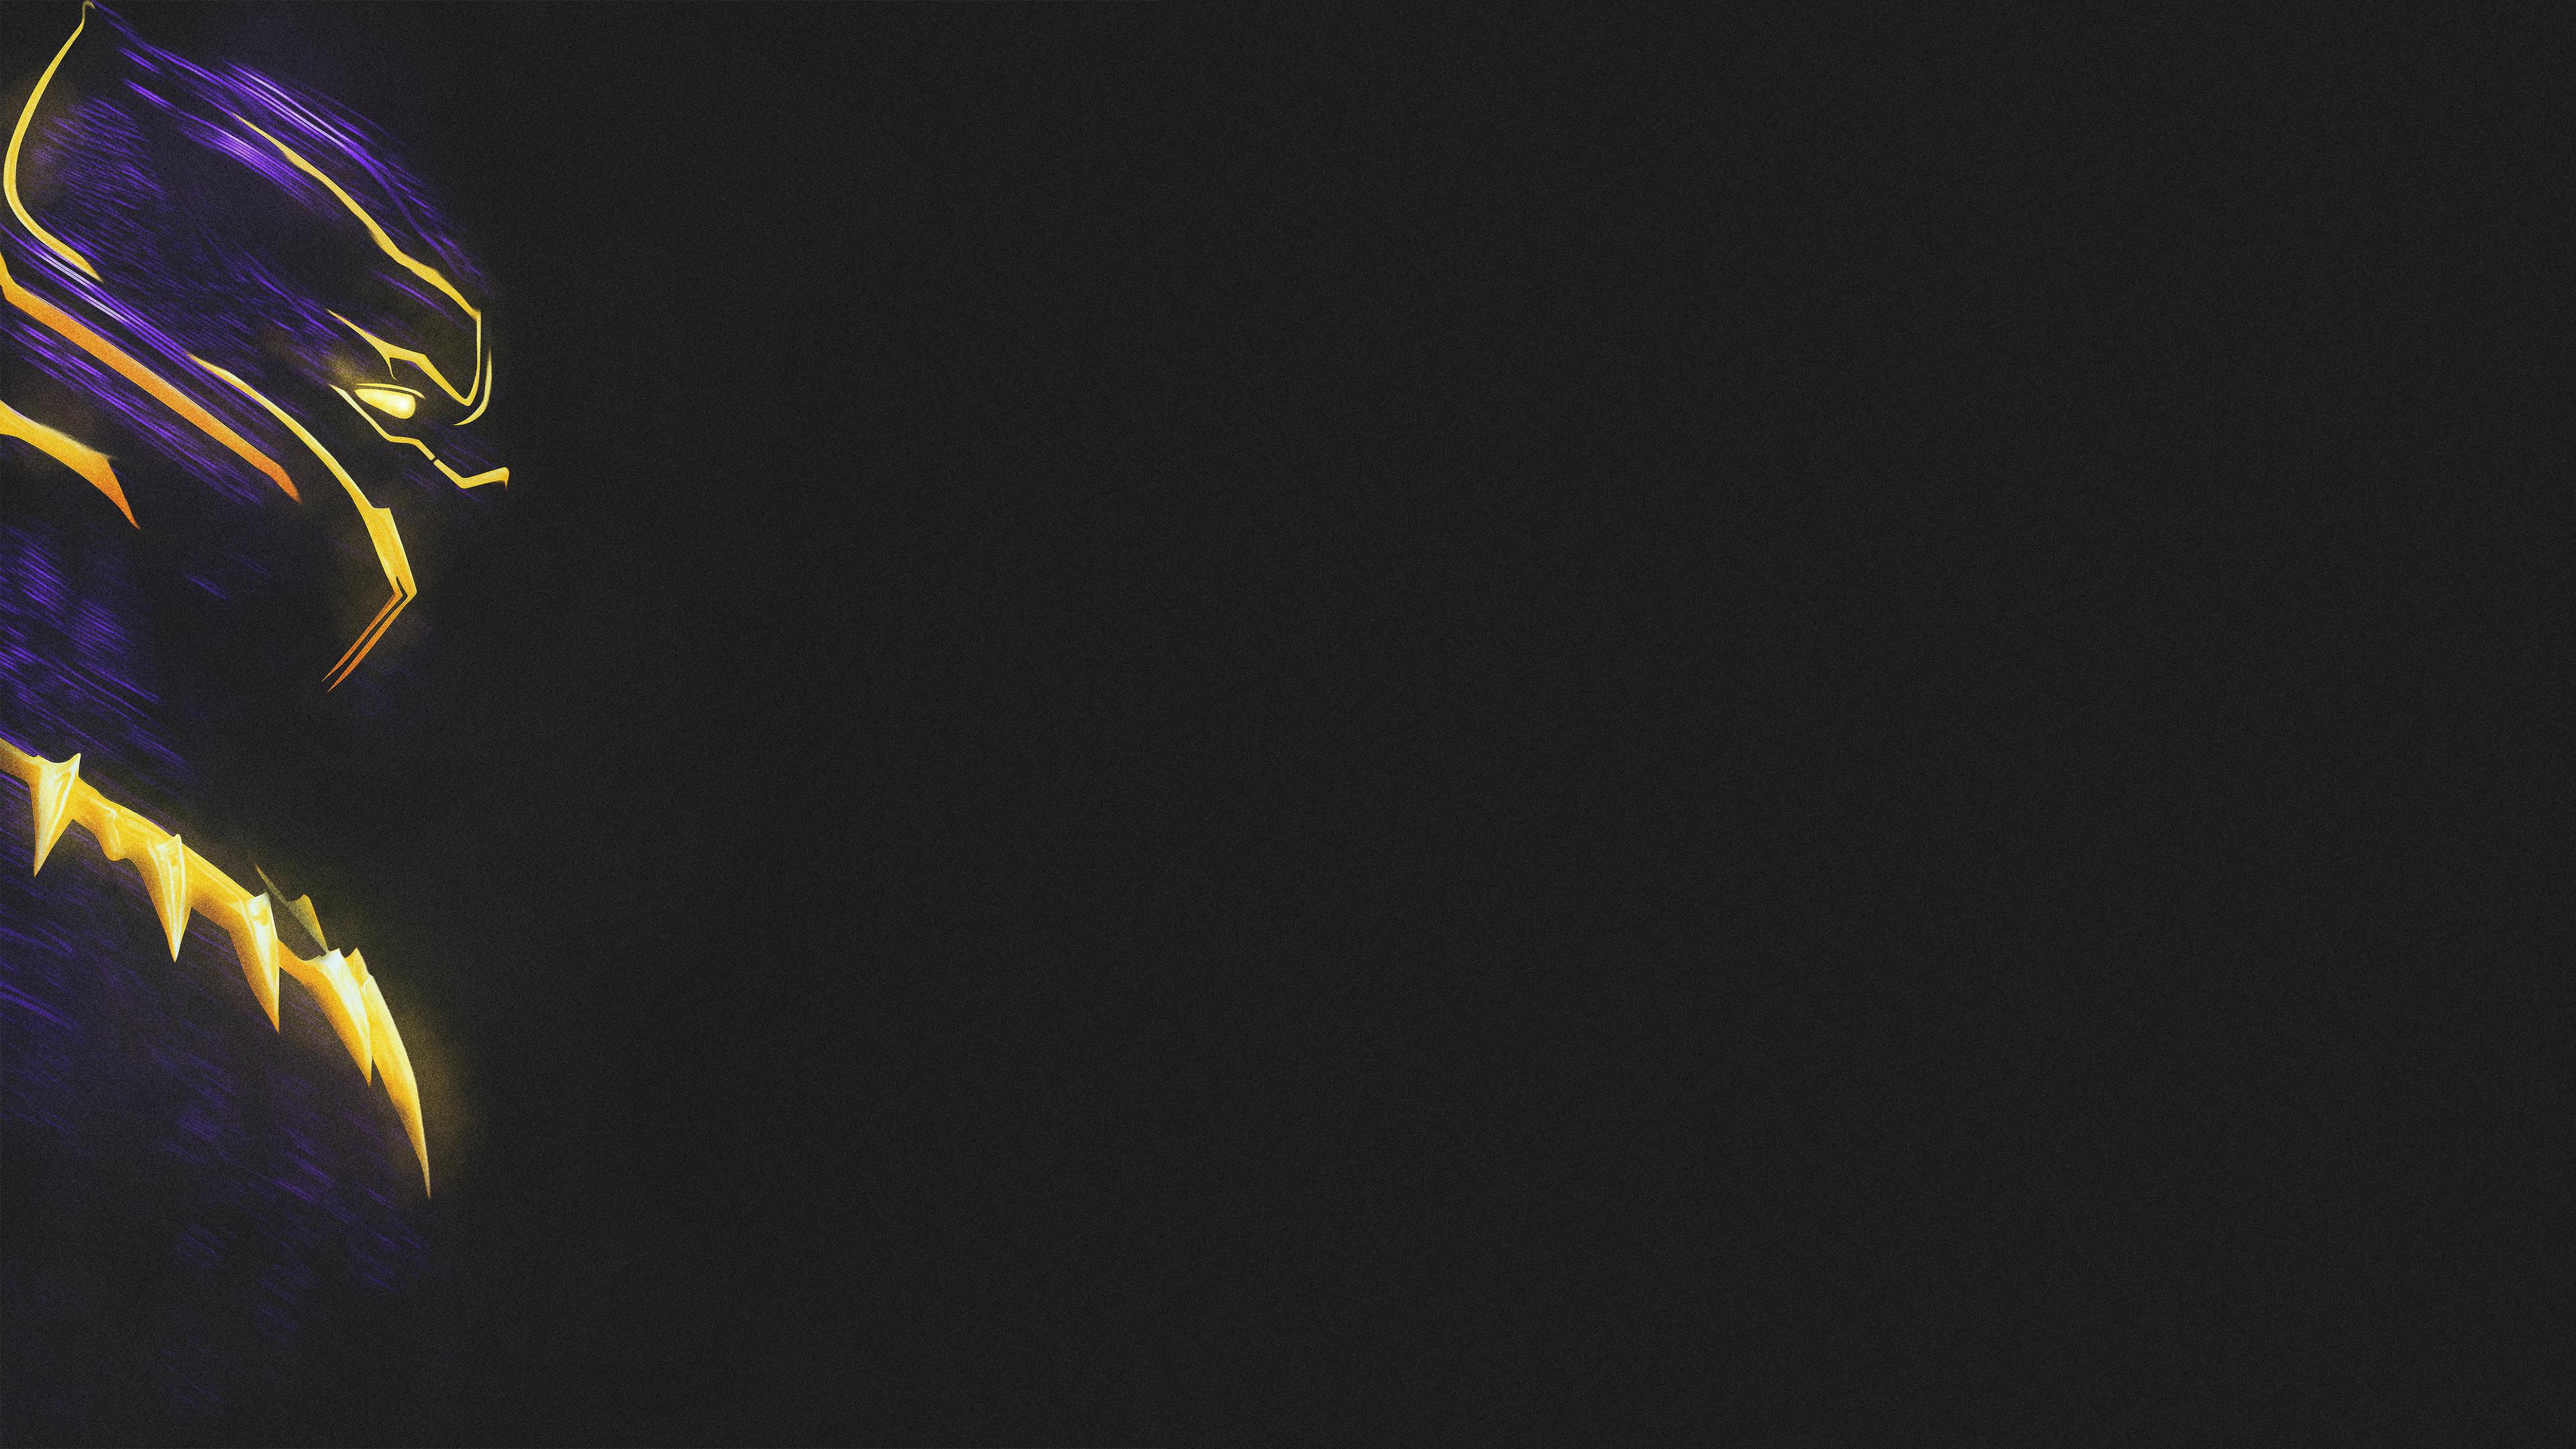 erik killmonger artwork 4k 1536522803 - Erik Killmonger Artwork 4k - superheroes wallpapers, hd-wallpapers, digital art wallpapers, artwork wallpapers, artstation wallpapers, 4k-wallpapers